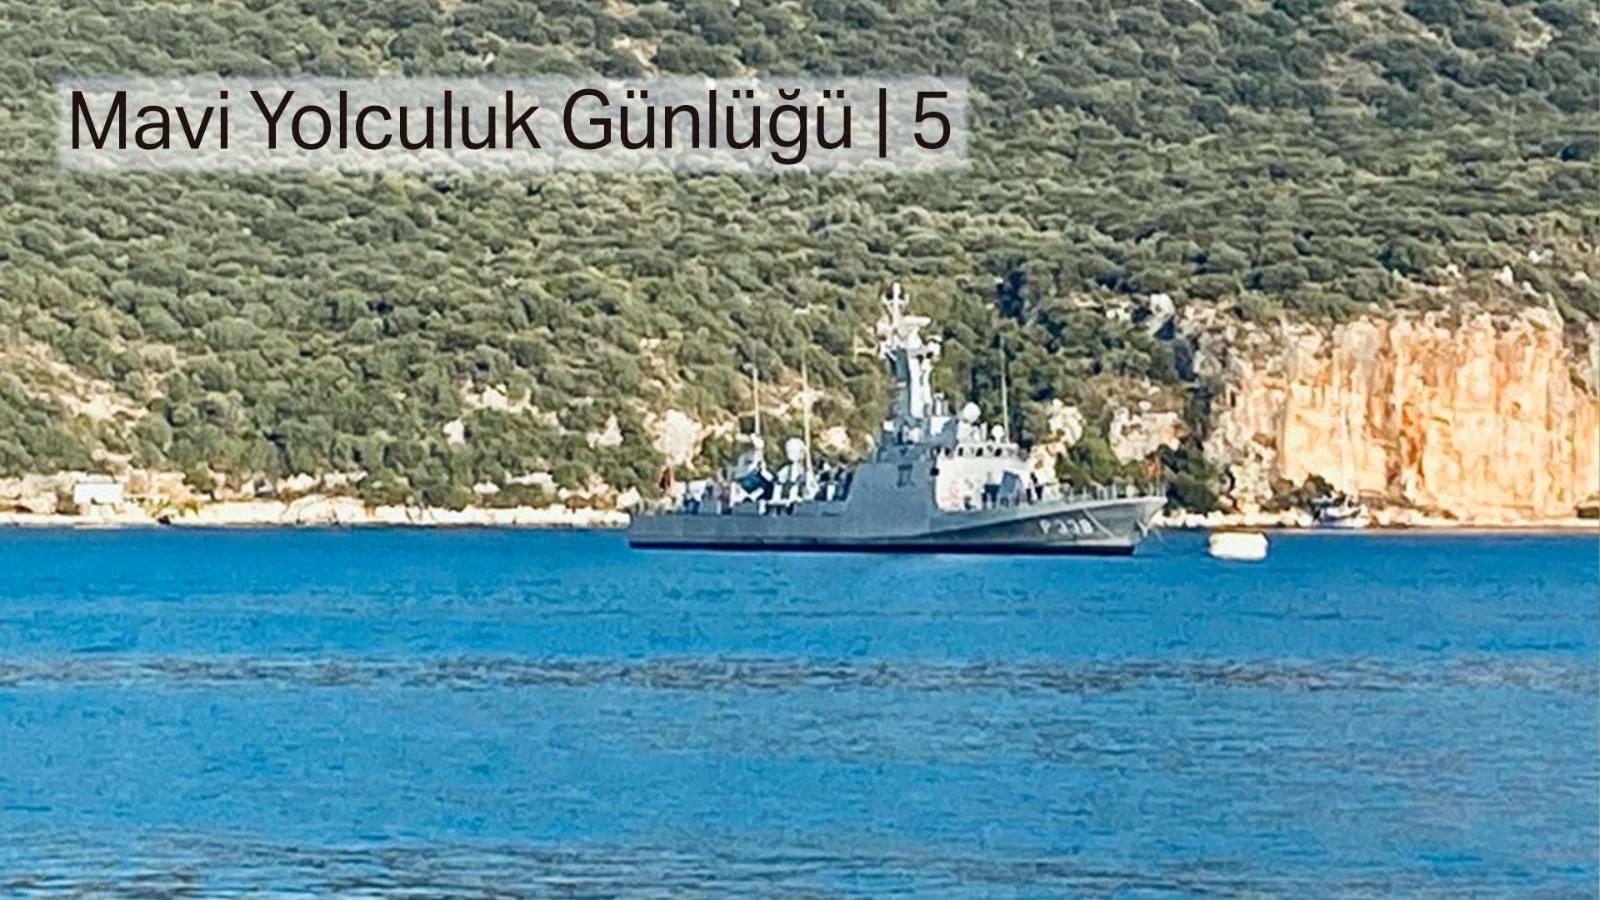 Uyanıyorum, karşımda savaş gemisi... İki tane askeri helikopter, pata pata... Dolara bakıyorum, uçuyor! 2